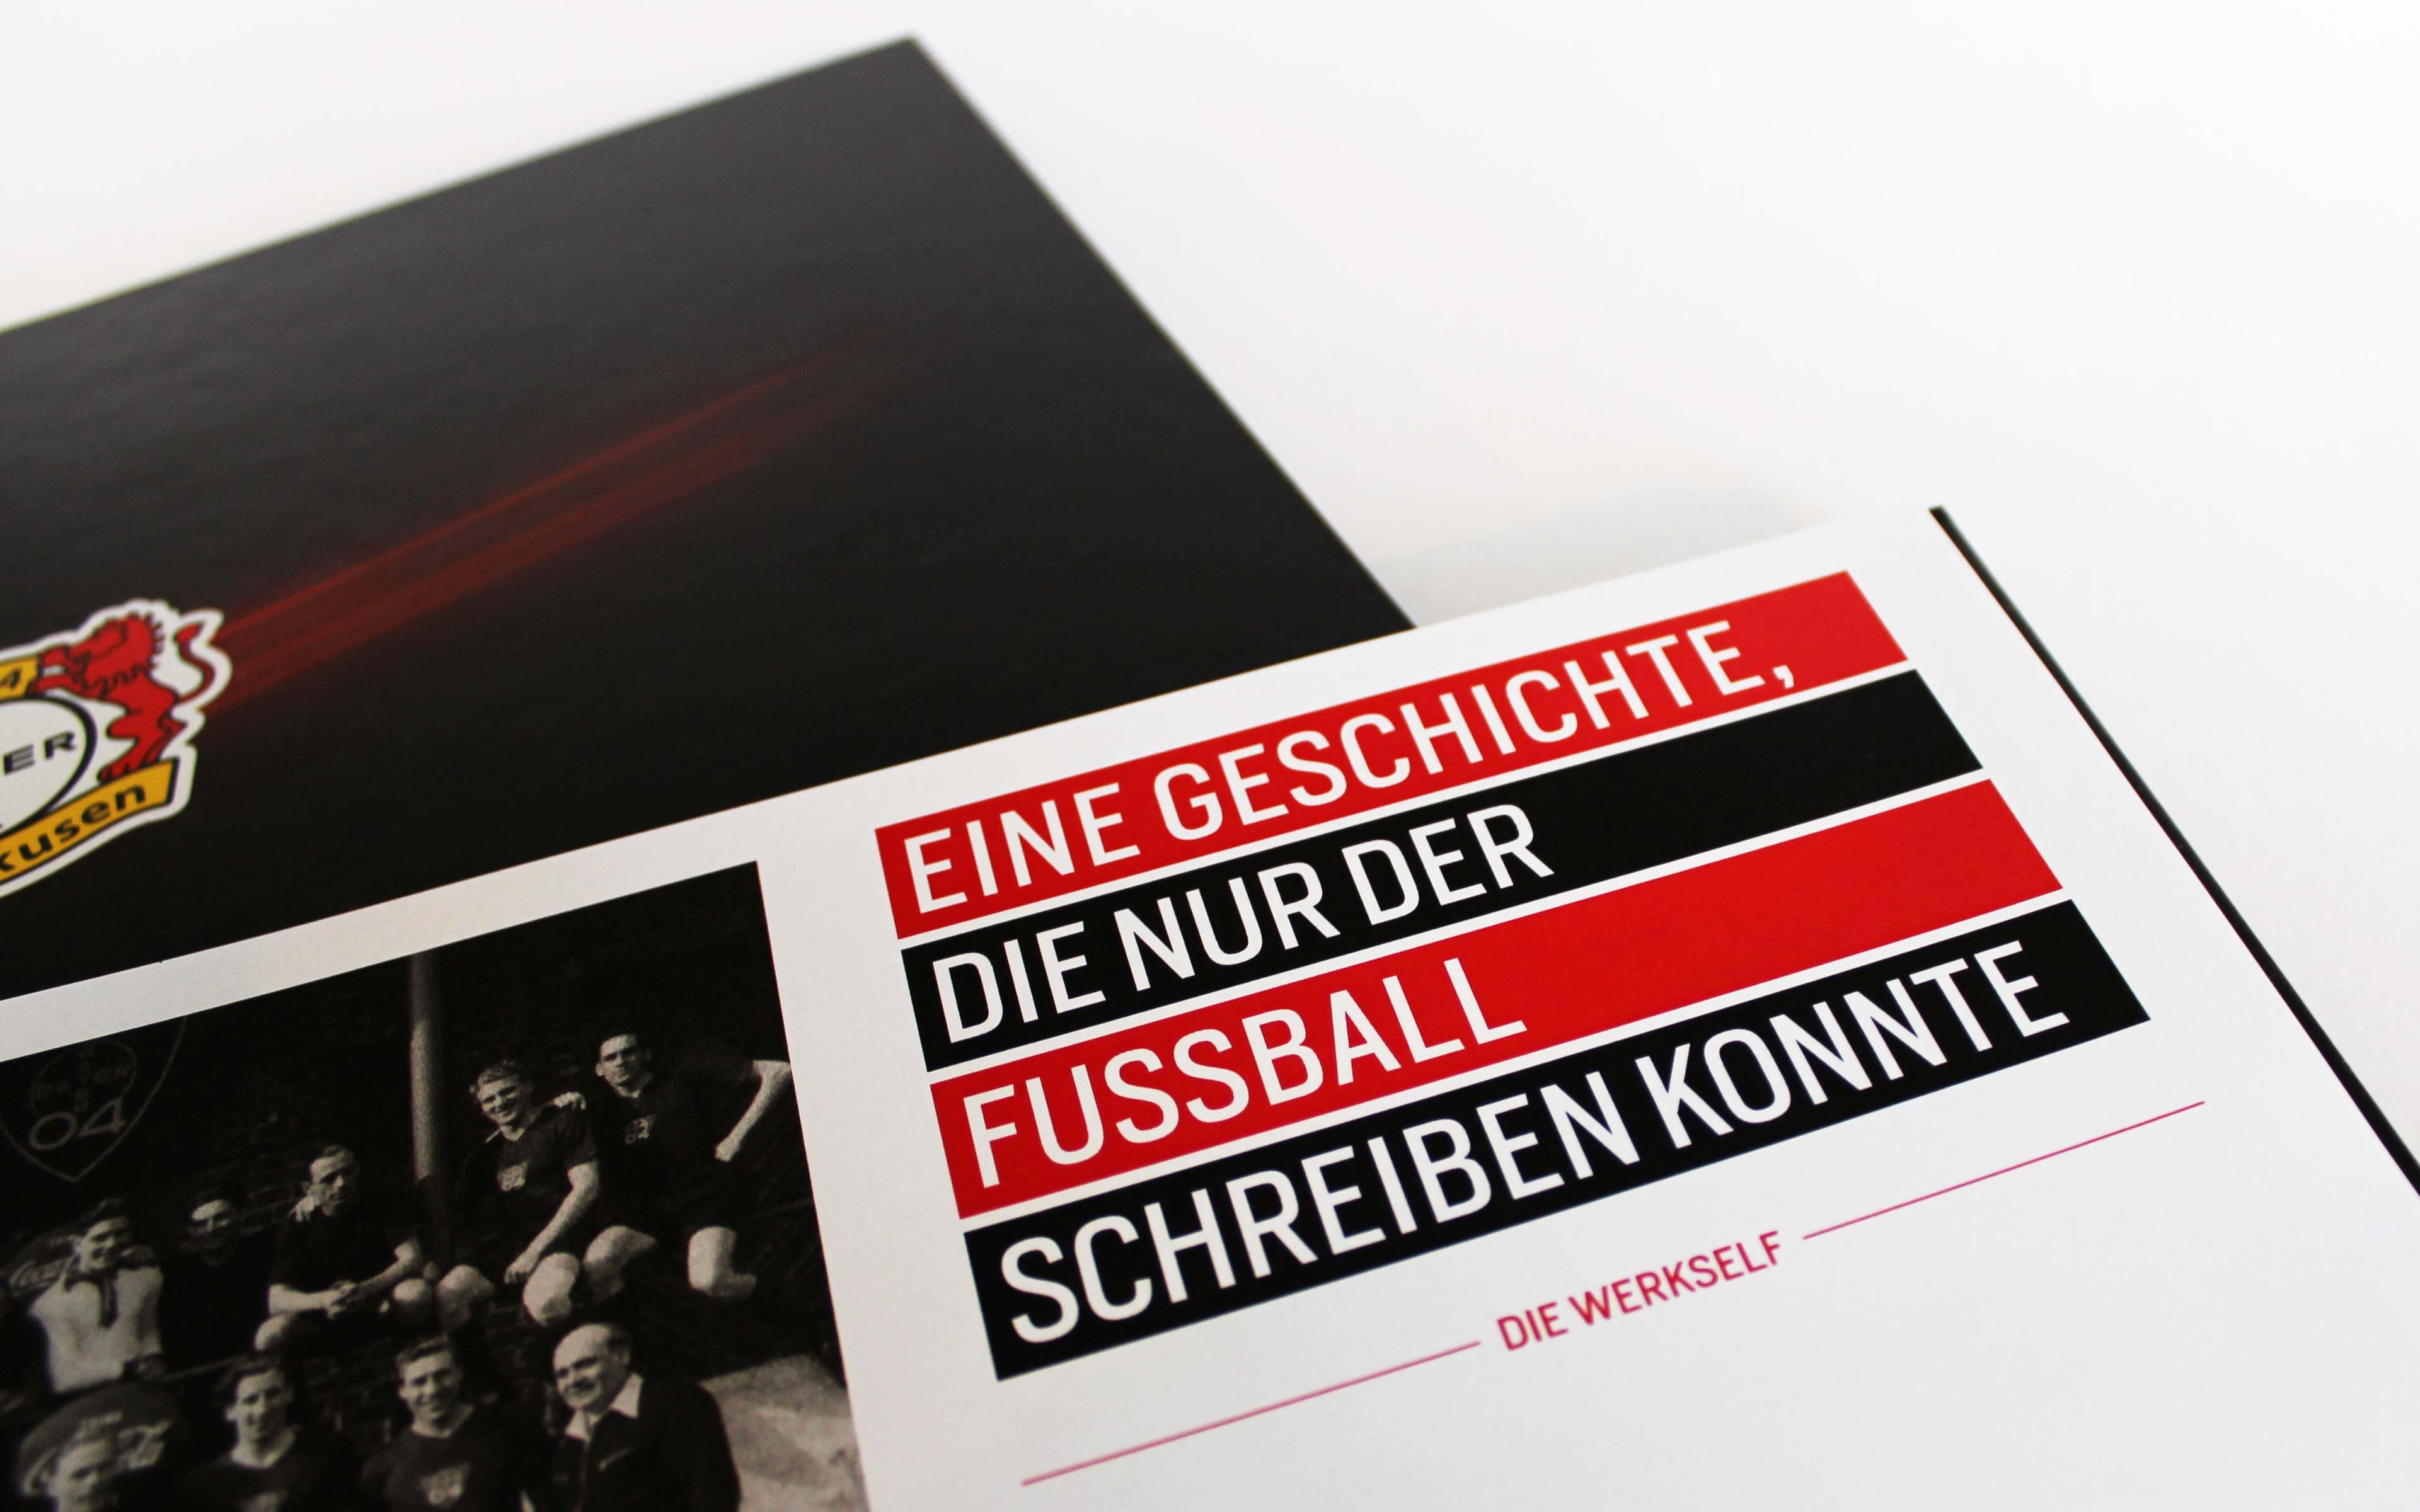 Bayer 04 Leverkusen Vermarktungsbroschüre, Headline-Systematik, Typografie